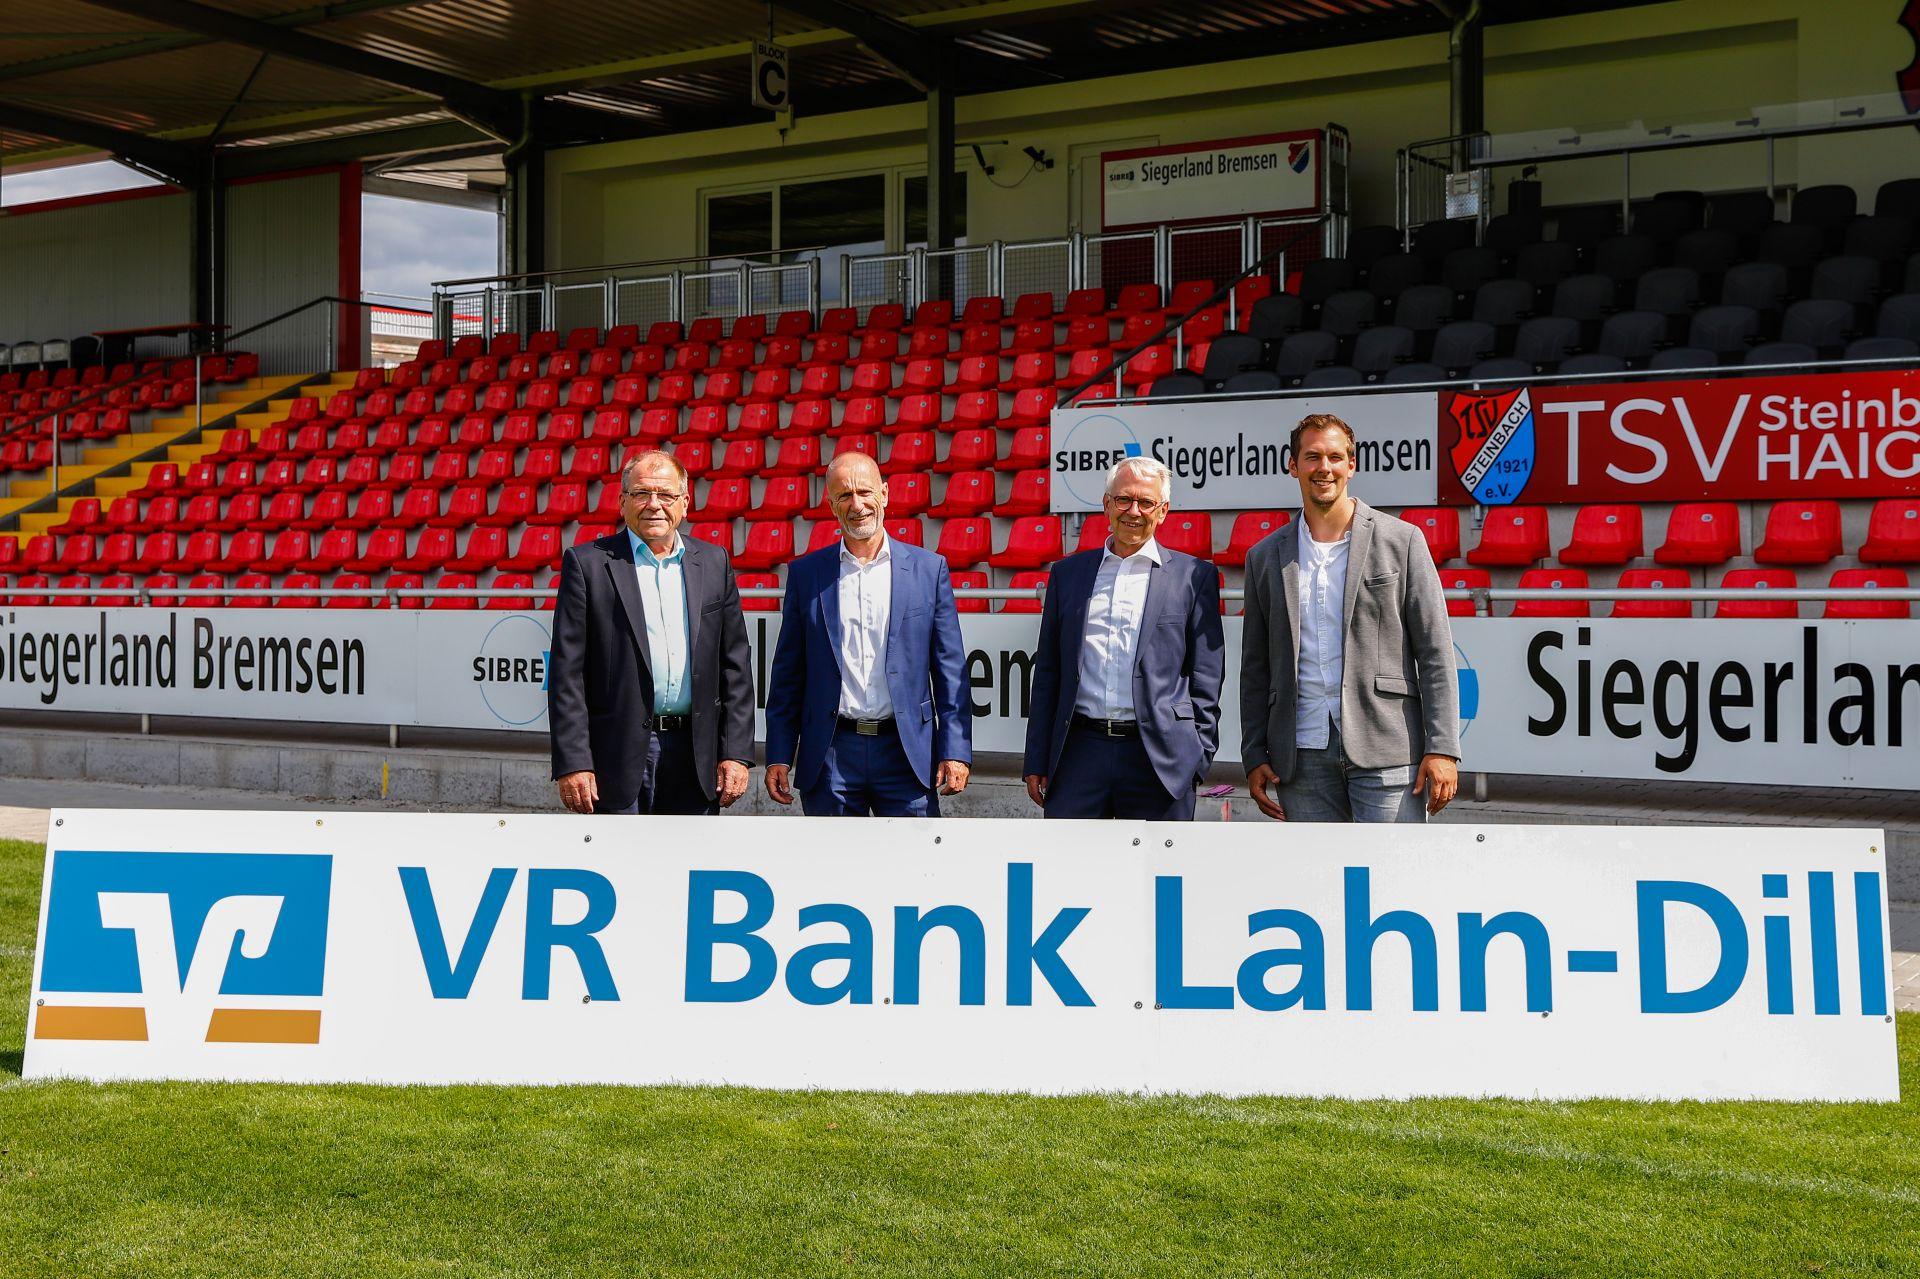 Freuen sich über die Fortsetzung der erfolgreichen Partnerschaft: (v.l.) Roland Kring (Vorstandssprecher TSV Steinbach Haiger), Ralph-Uwe Orth (Vorstand VR Bank Lahn-Dill), Armin Wickel (Vorstand VR Bank Lahn-Dill) und Matthias Georg (Geschäftsführer TSV Steinbach Haiger).